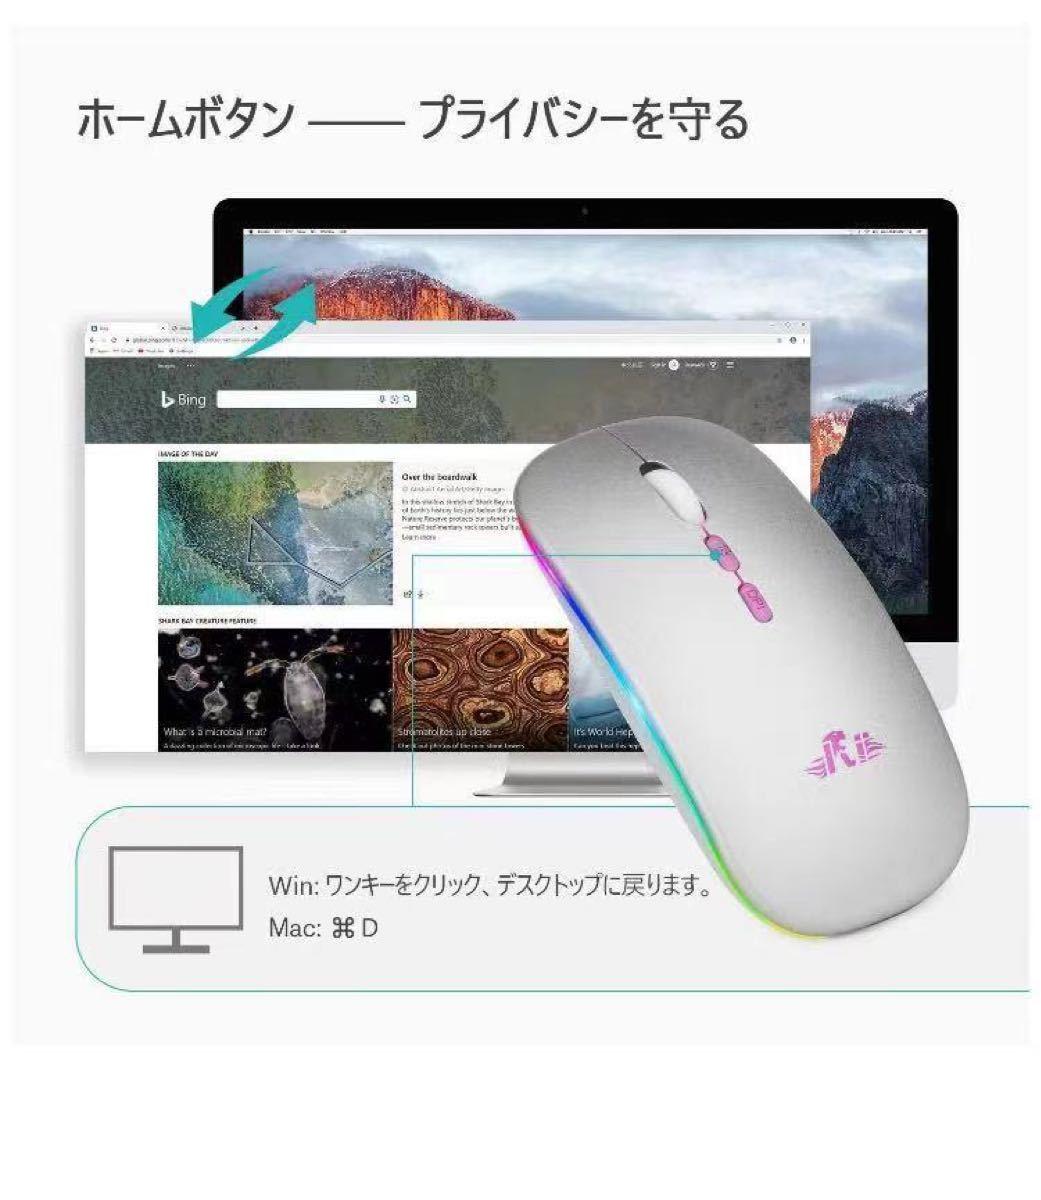 ワイヤレスマウス 静音超薄型 充電式 長時間無線マウス軽量持ち運び便利